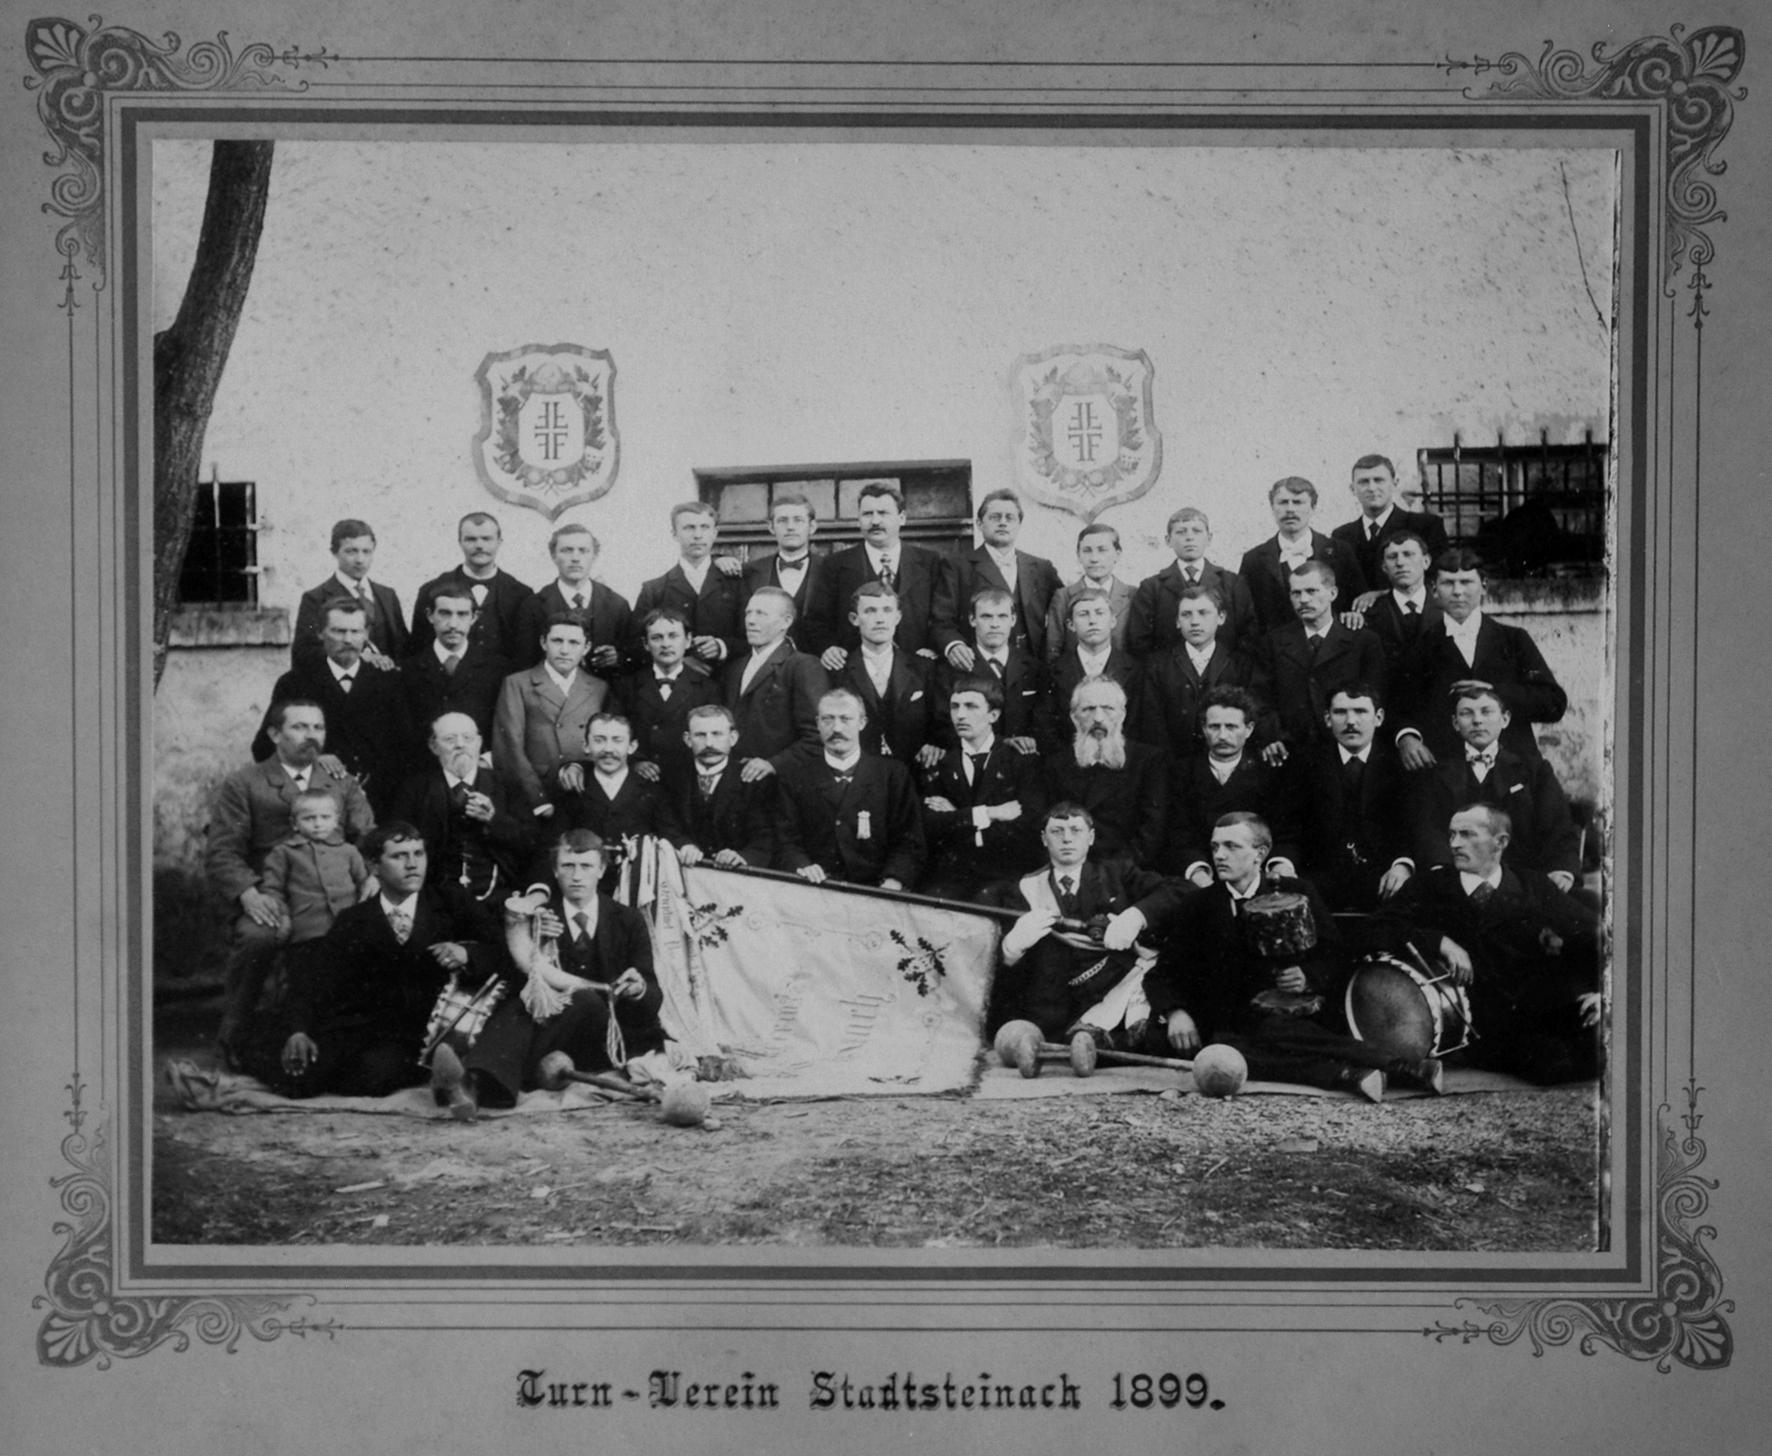 Turn-Verein Stadtsteinach 1899